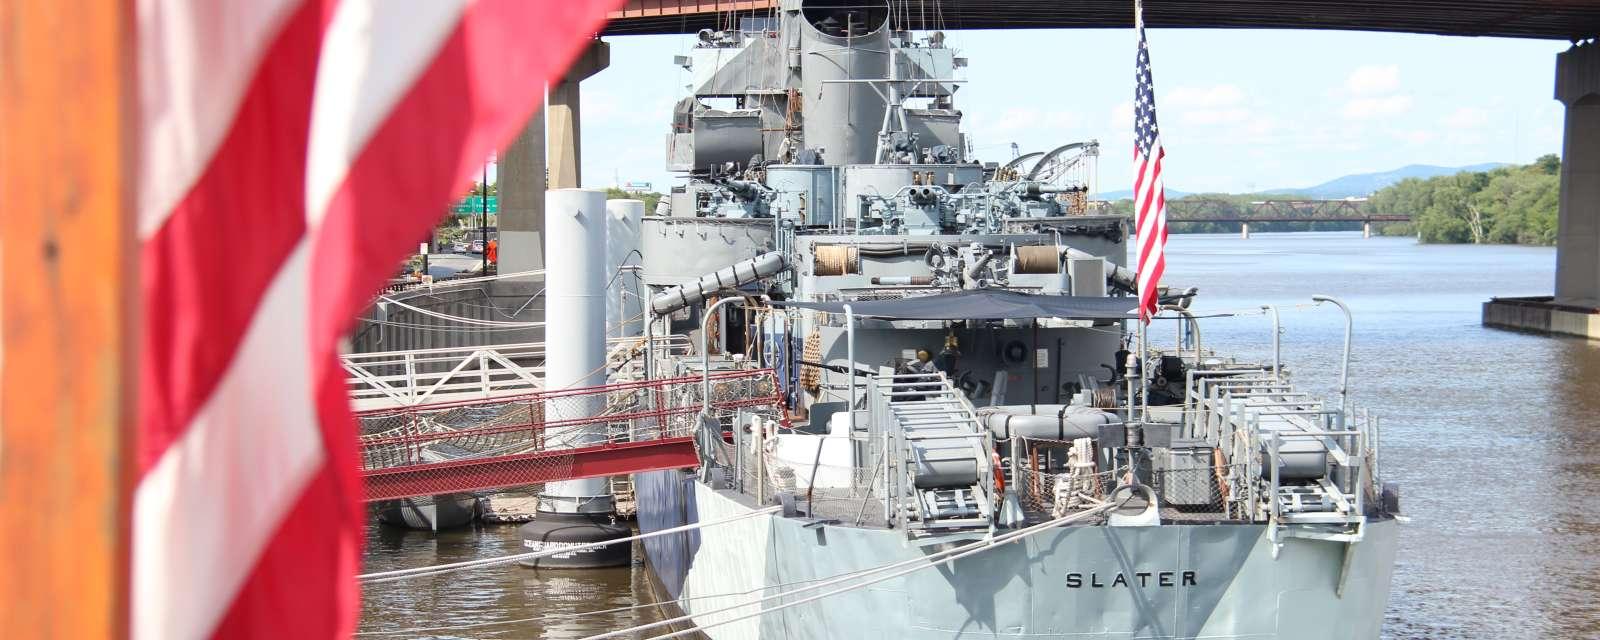 Copy of USS Slater